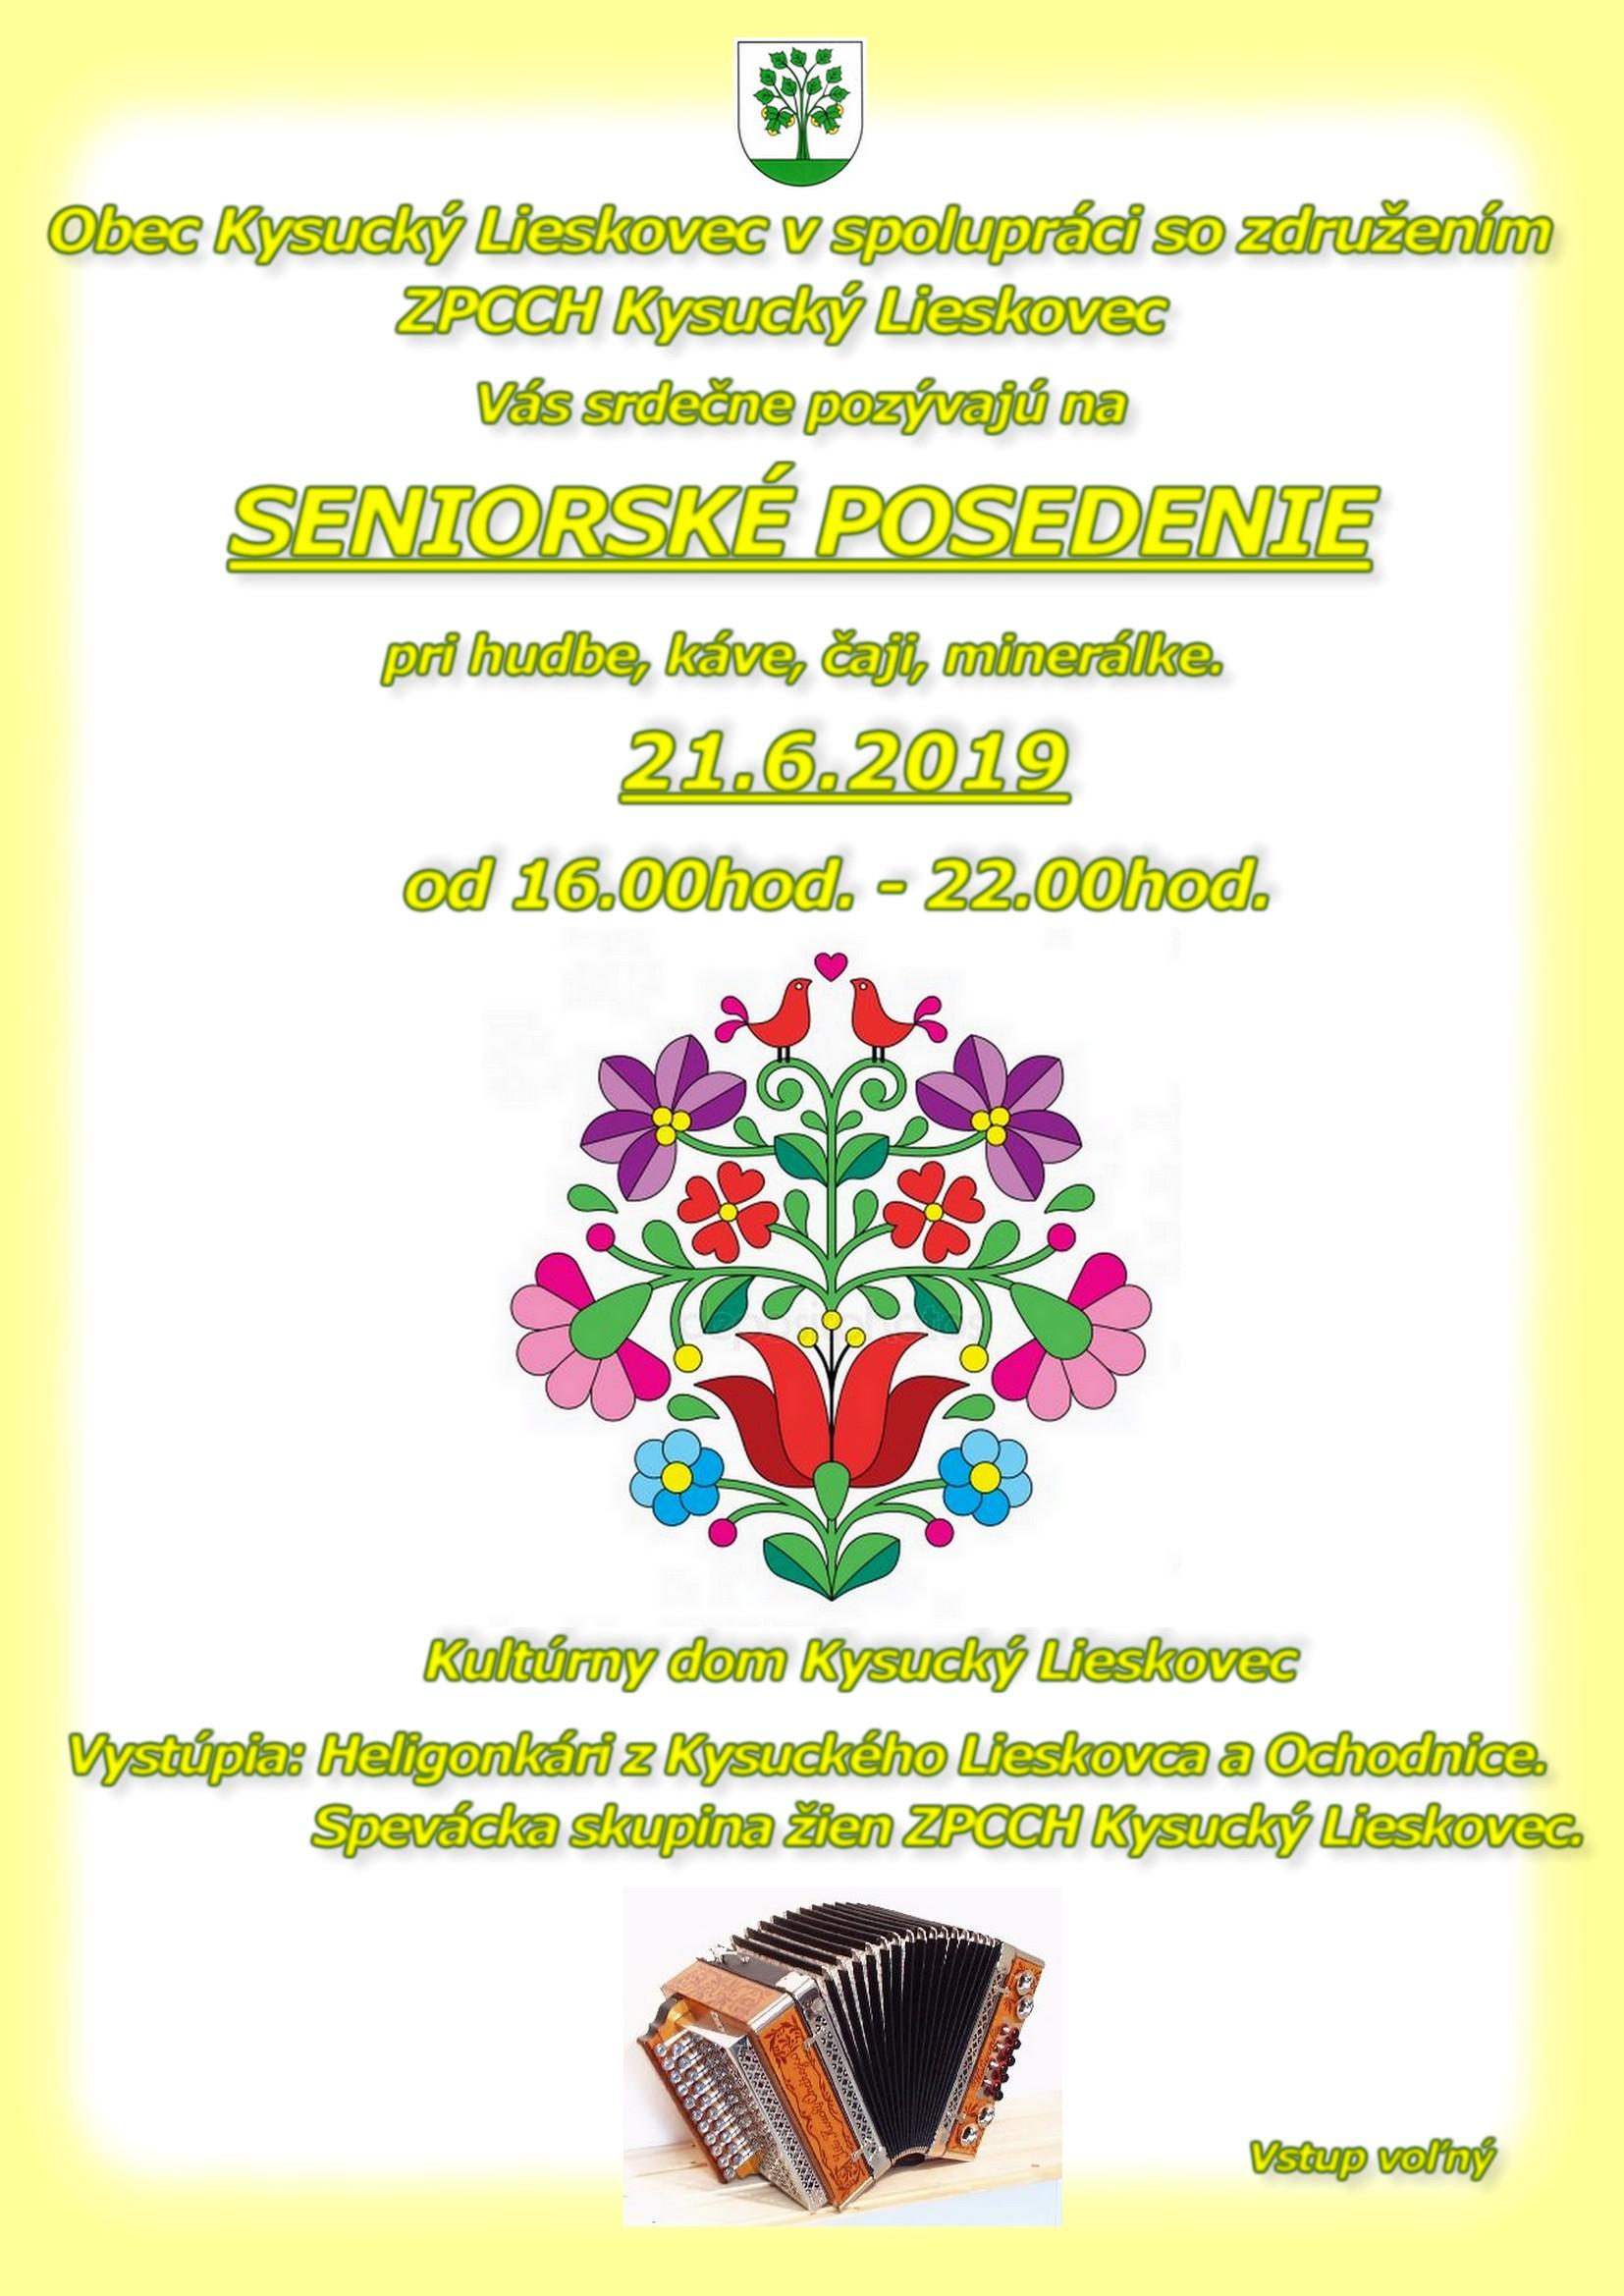 Il villaggio di Kysucky Lieskovec in collaborazione con l'associazione ZPCCH Kysucky Lieskovec vi invita al SENIOR ASSEMBLY 21.6.2019 dalle 16:00 alle 22:00.